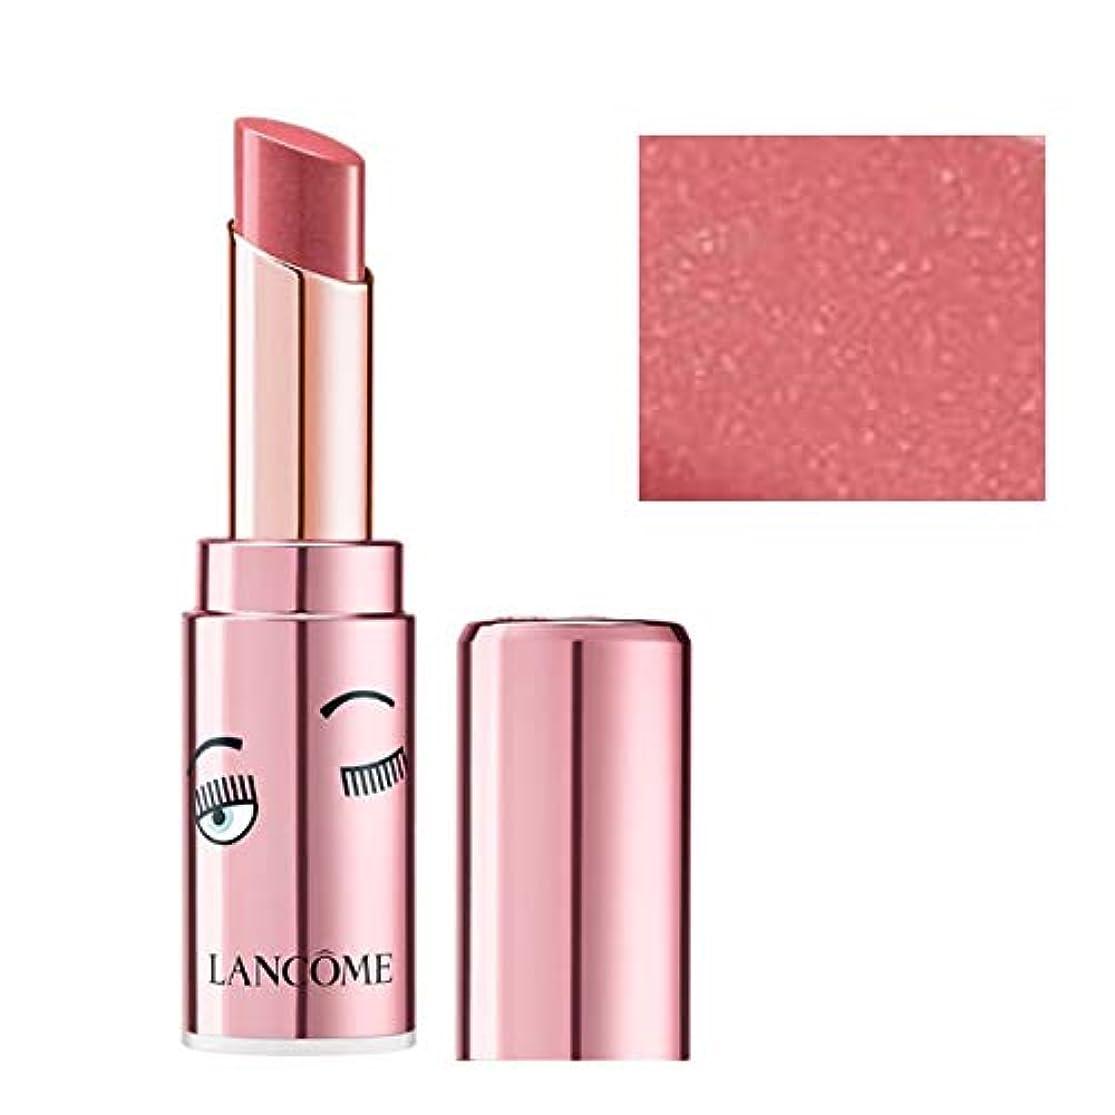 ランコム(LANCOME), 限定版 limited-edition, x Chiara Ferragni L'Absolu Mademoiselle Shine Balm Lipstick - Independent...